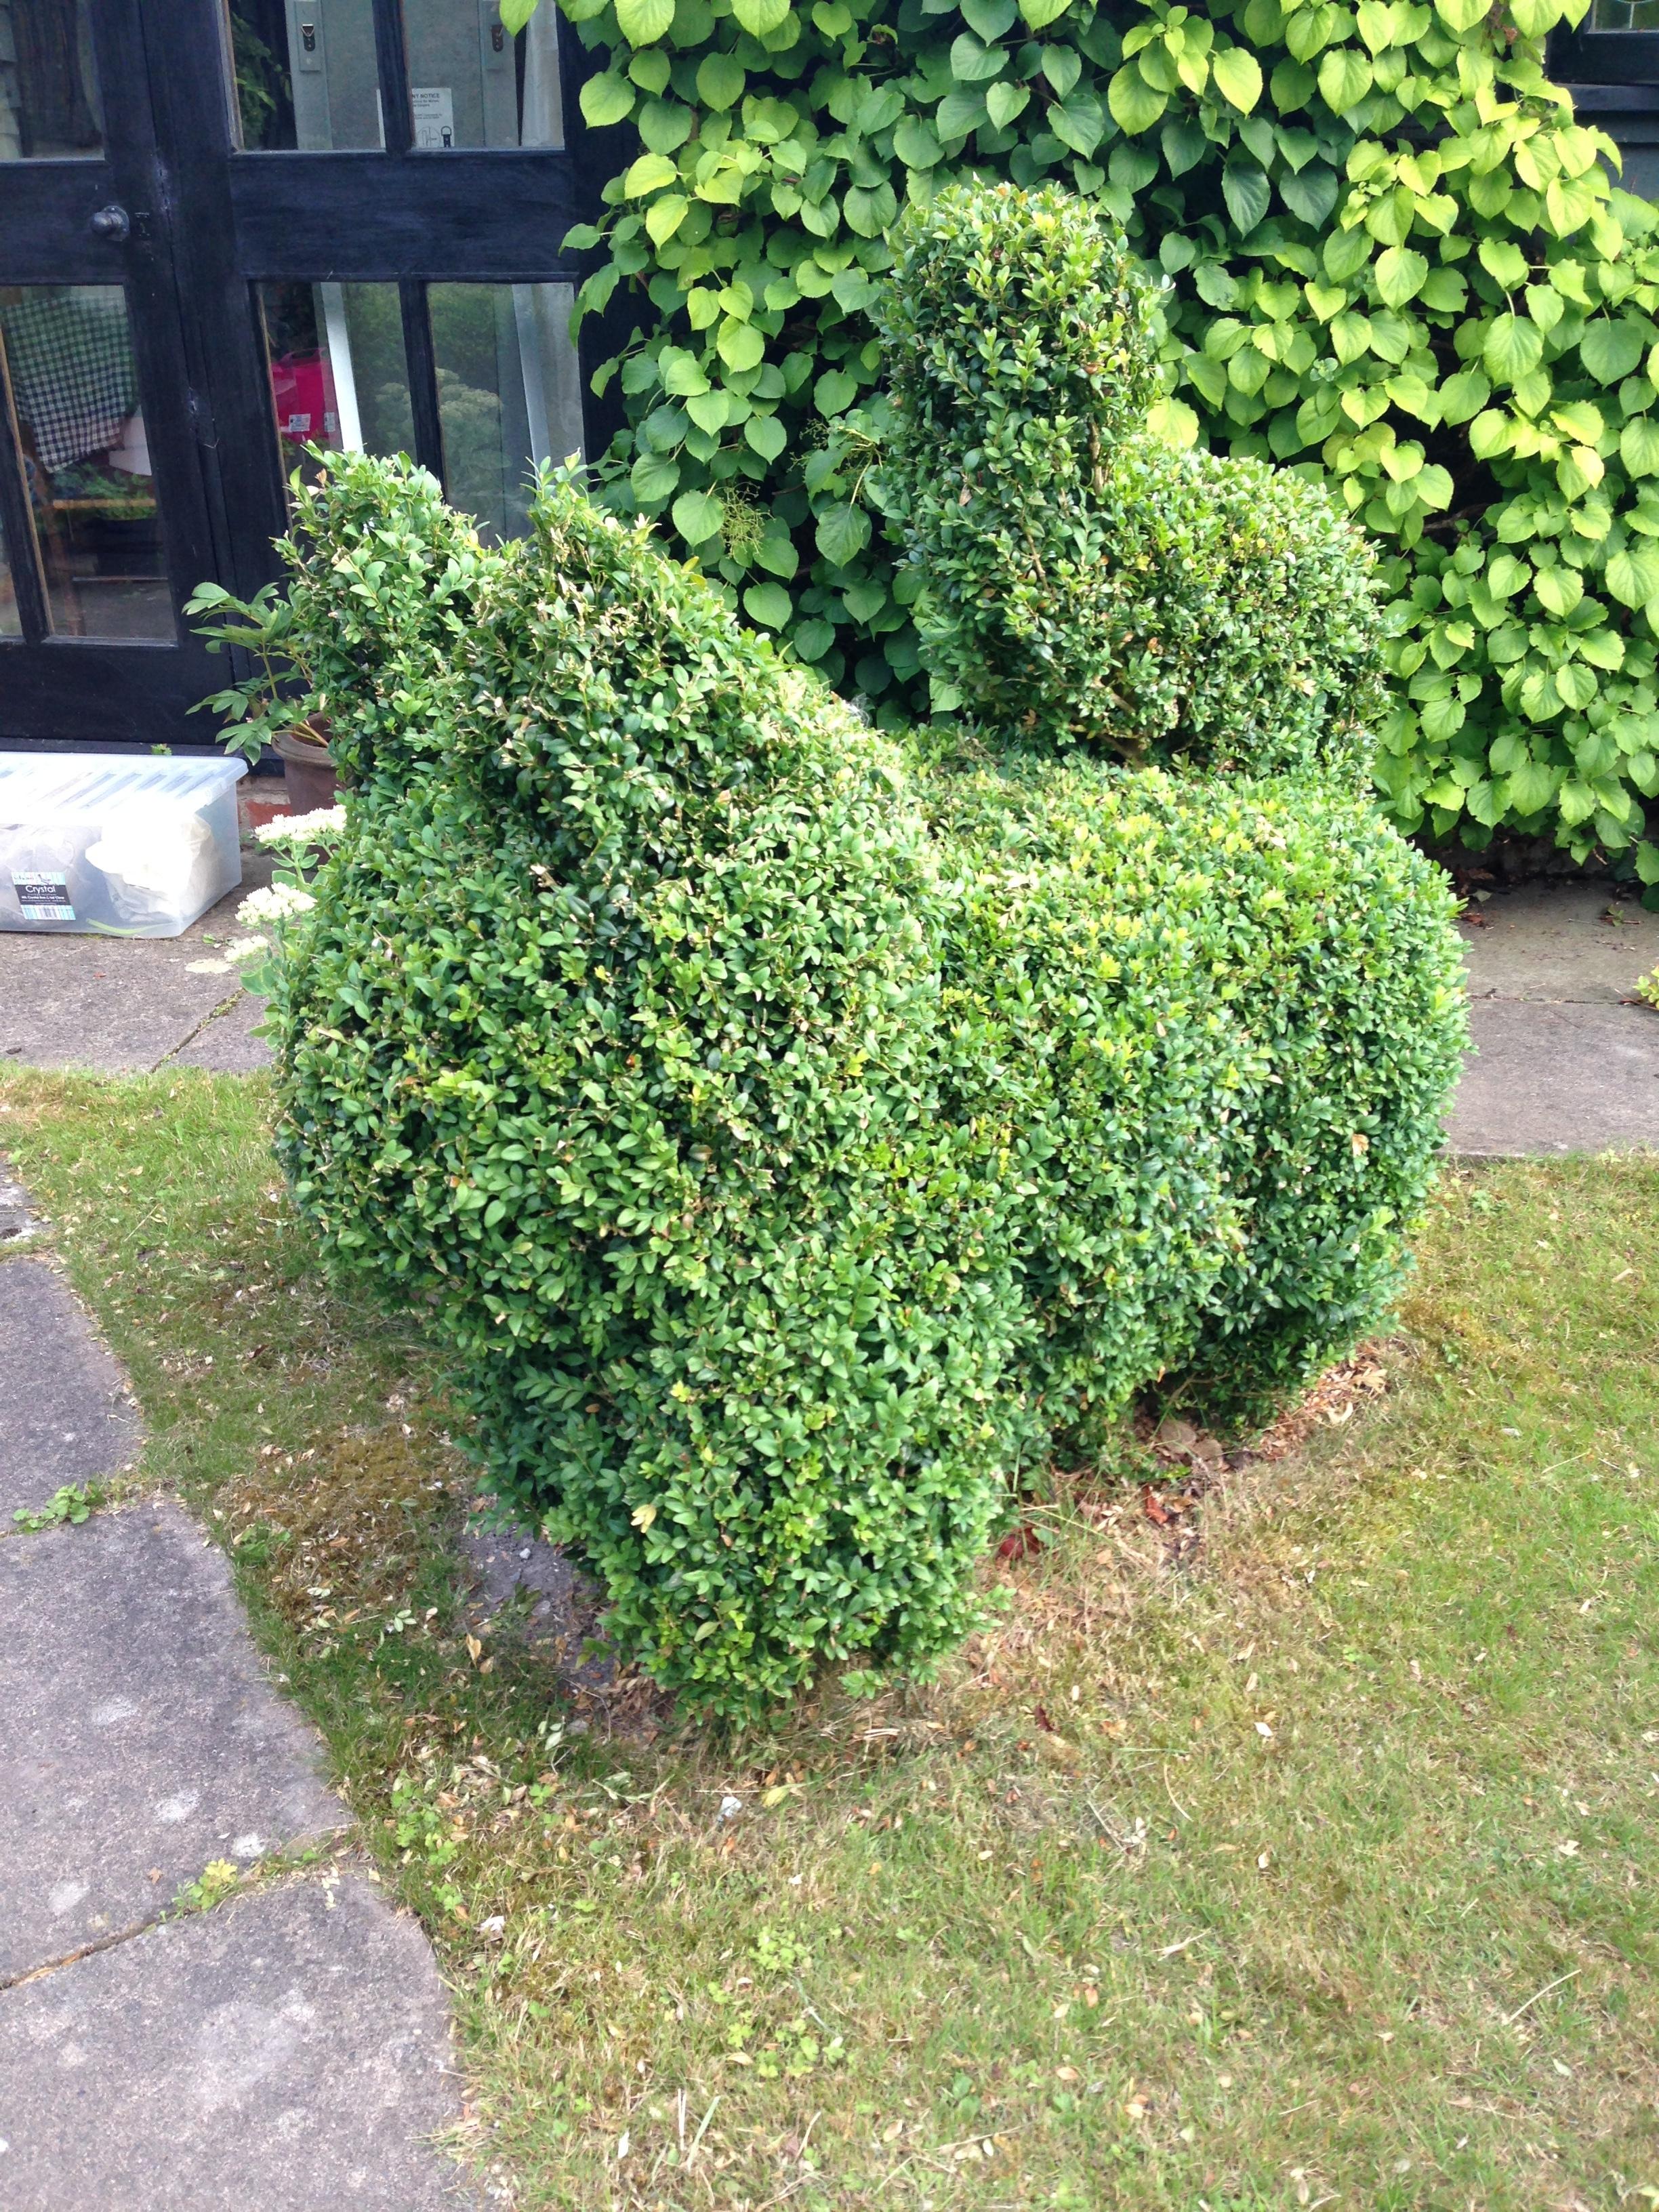 ^ Hedge art - a cat?